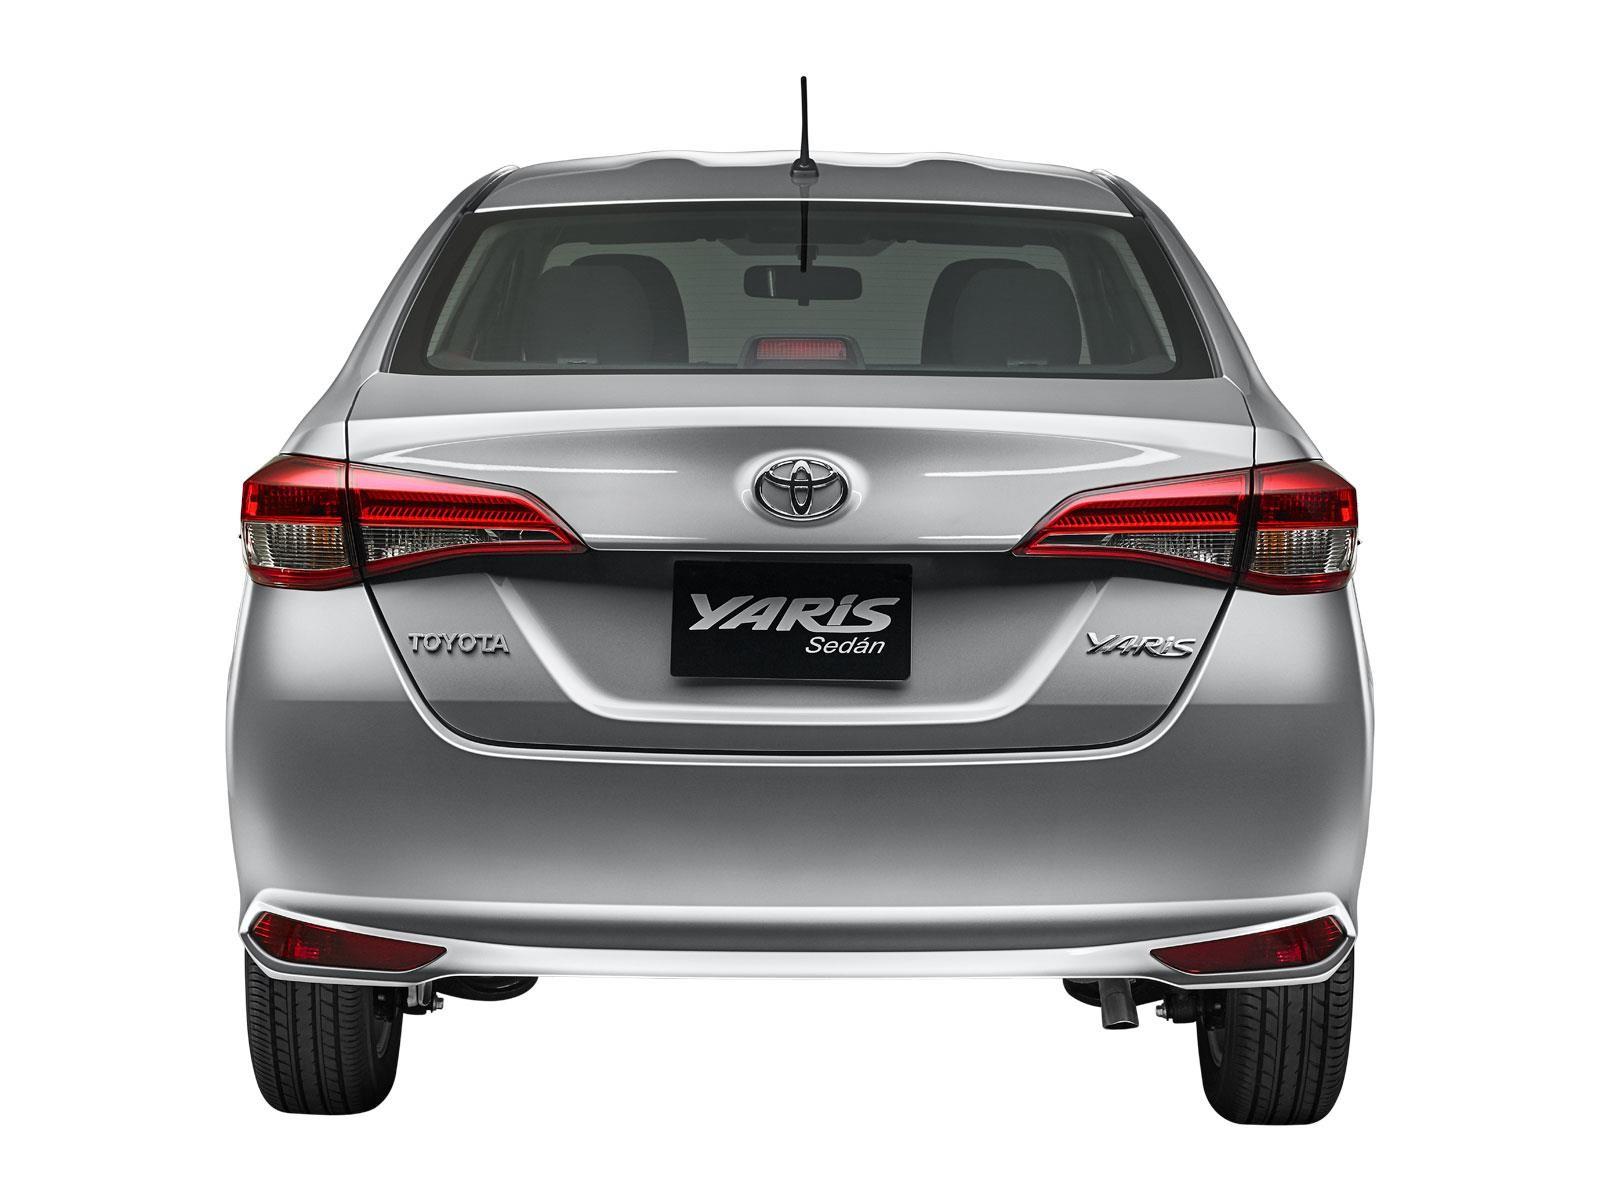 Toyota Yaris Sed 225 N 2018 Llega A M 233 Xico Desde 216 600